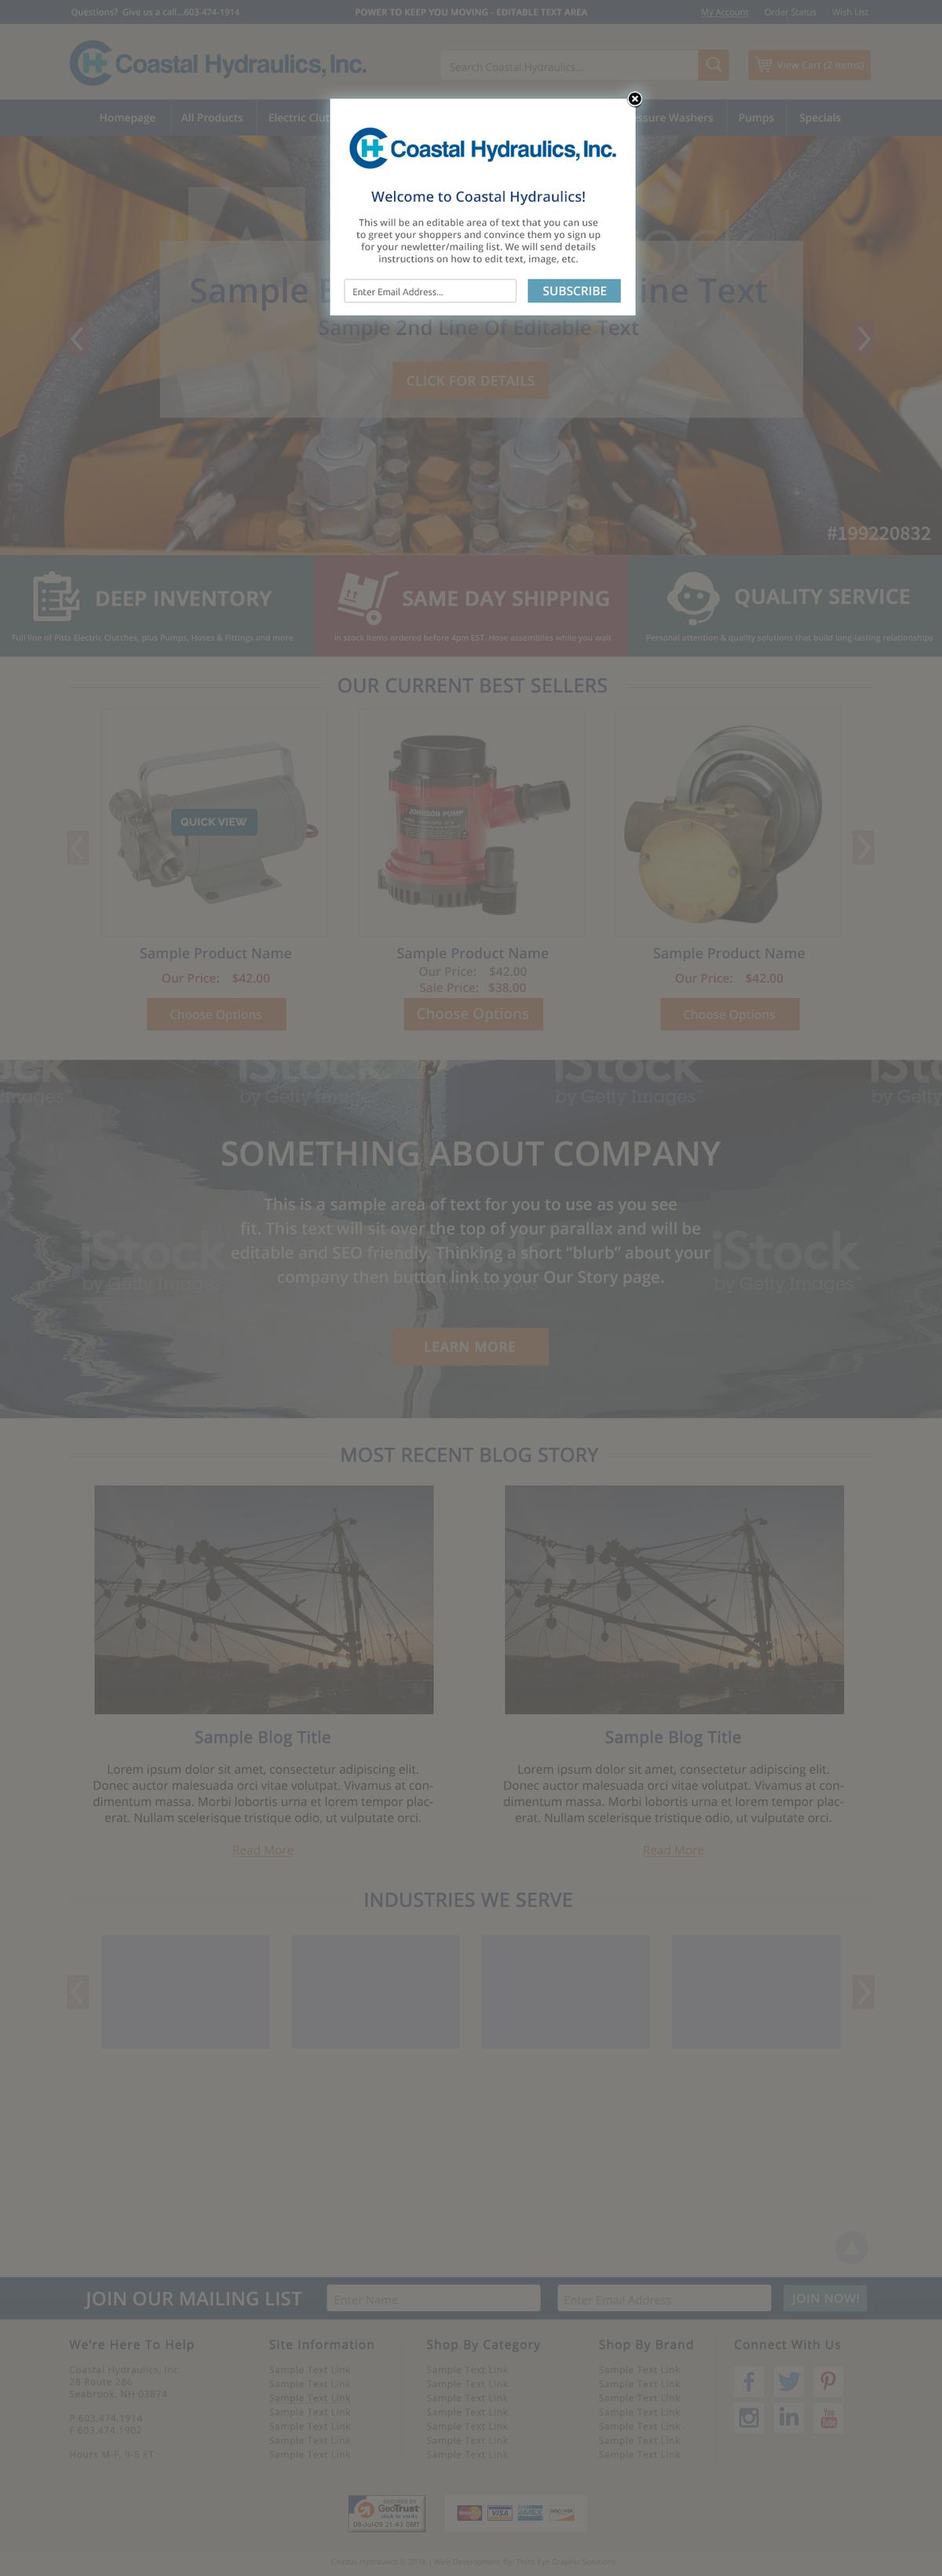 CoastalHyd-1-NewsletterPopUp.png